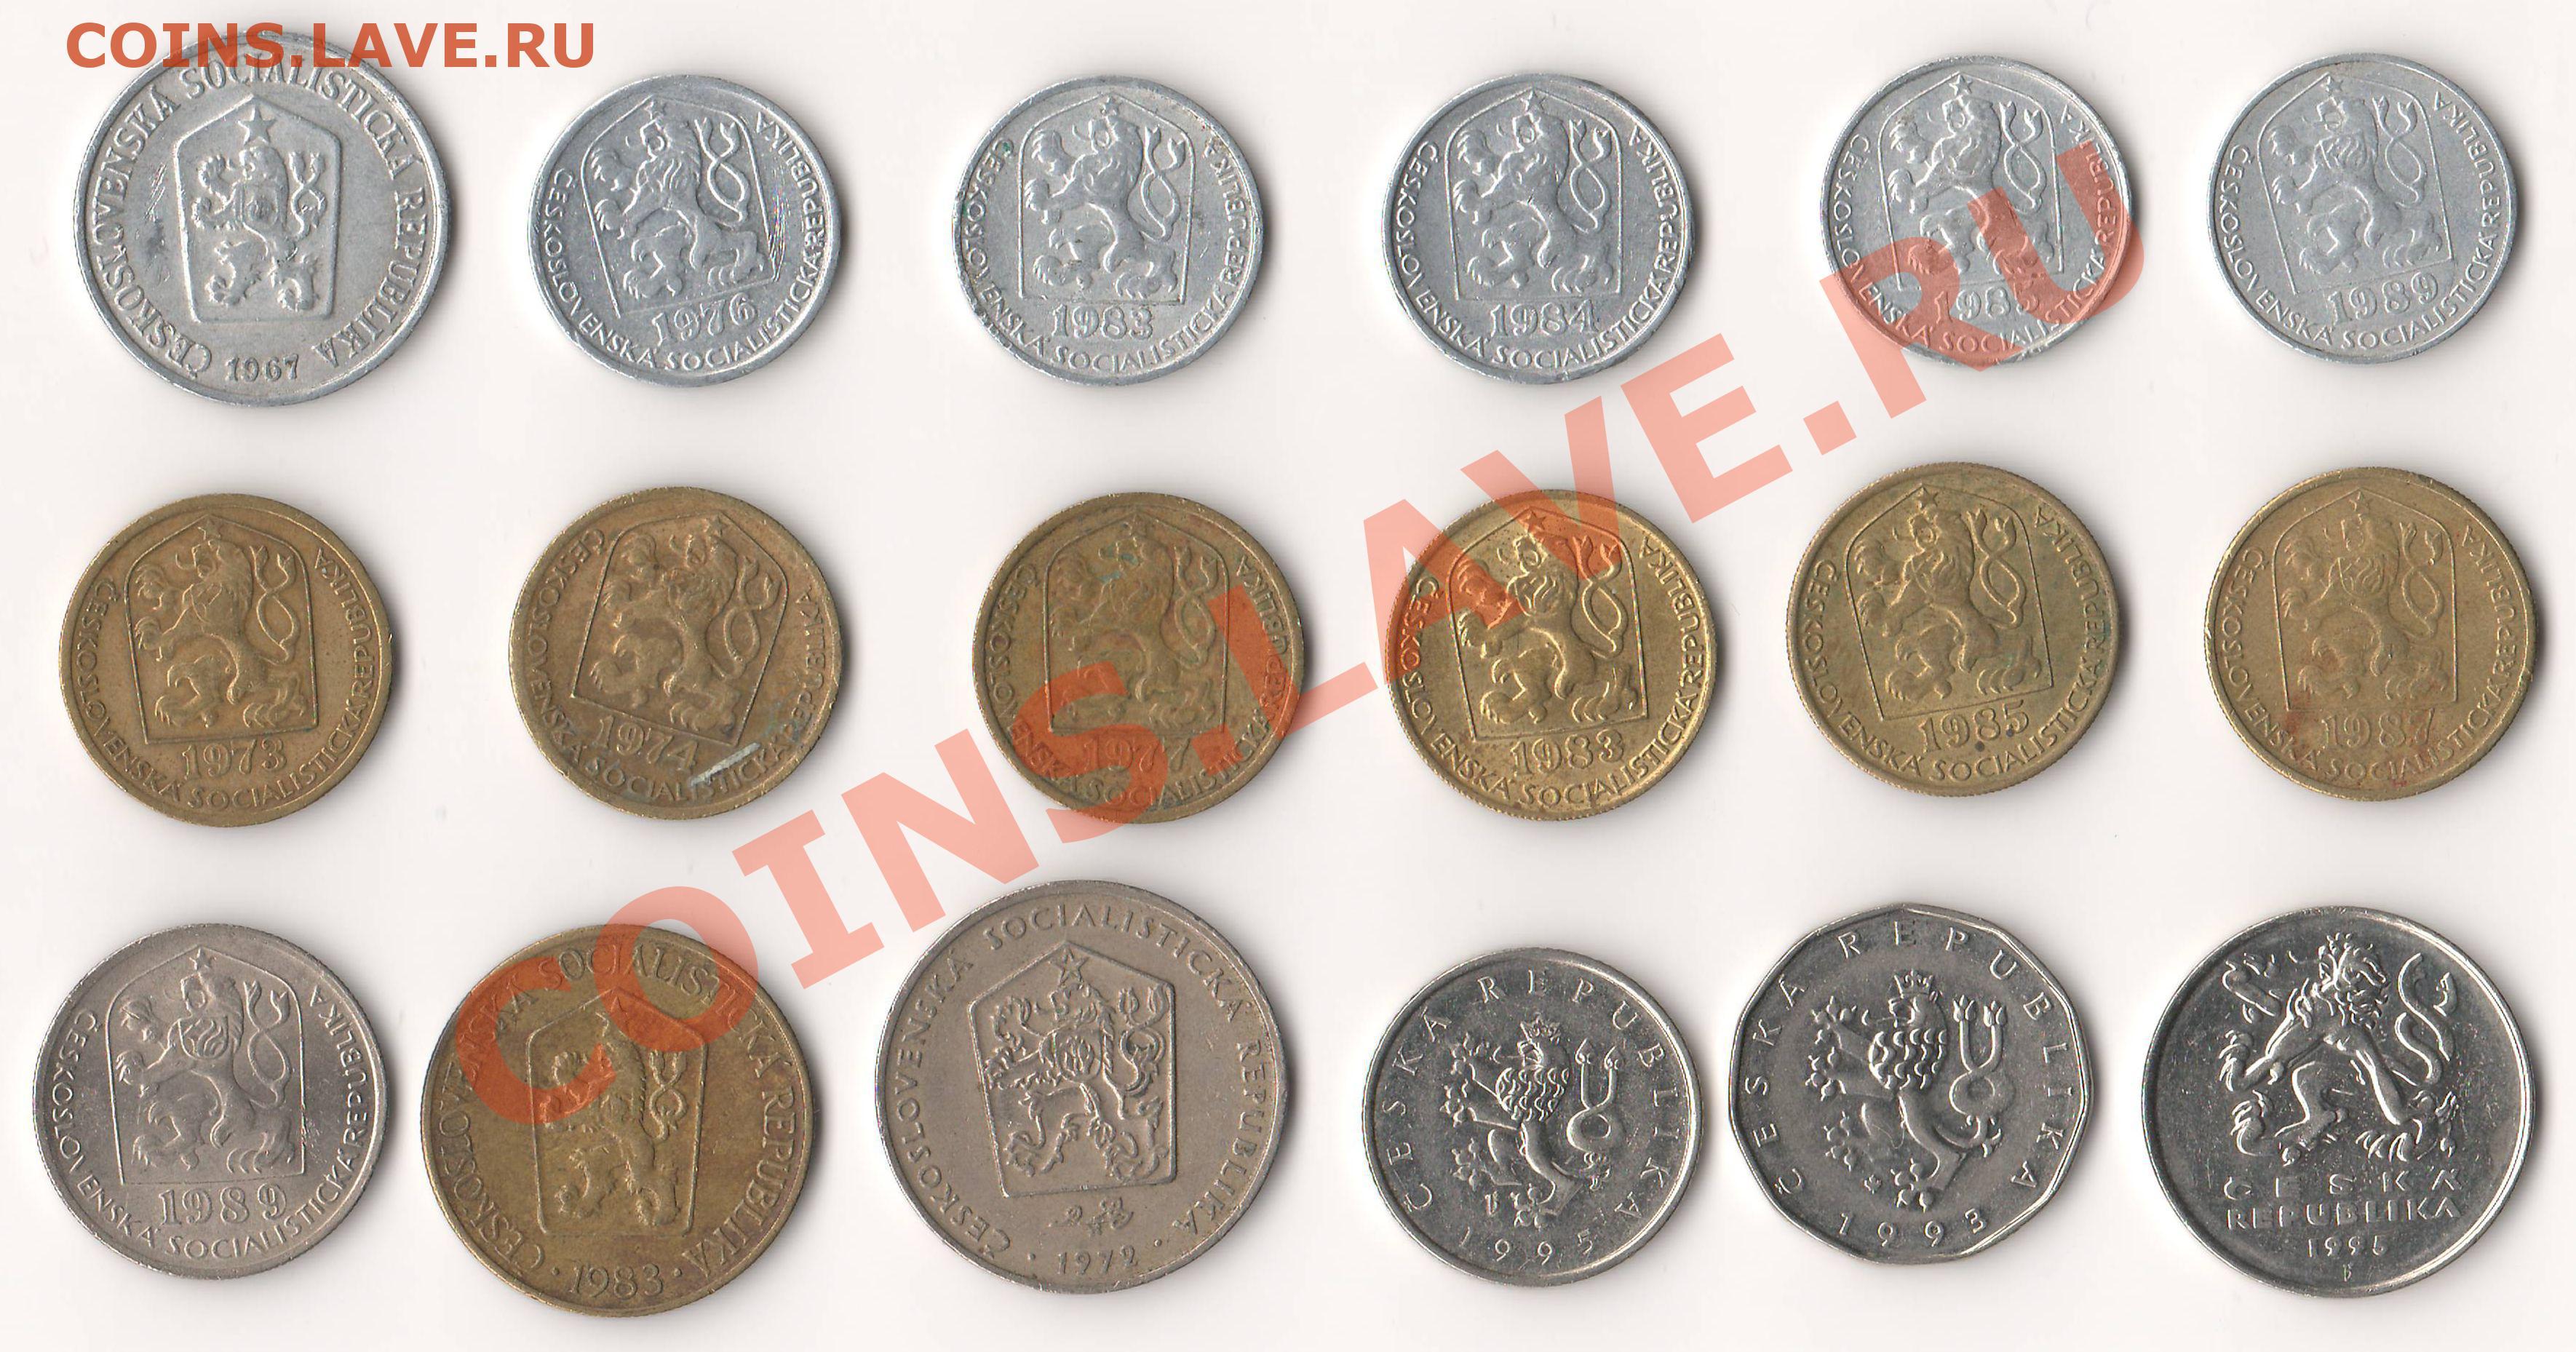 Иностранные монеты недорого аа корзина